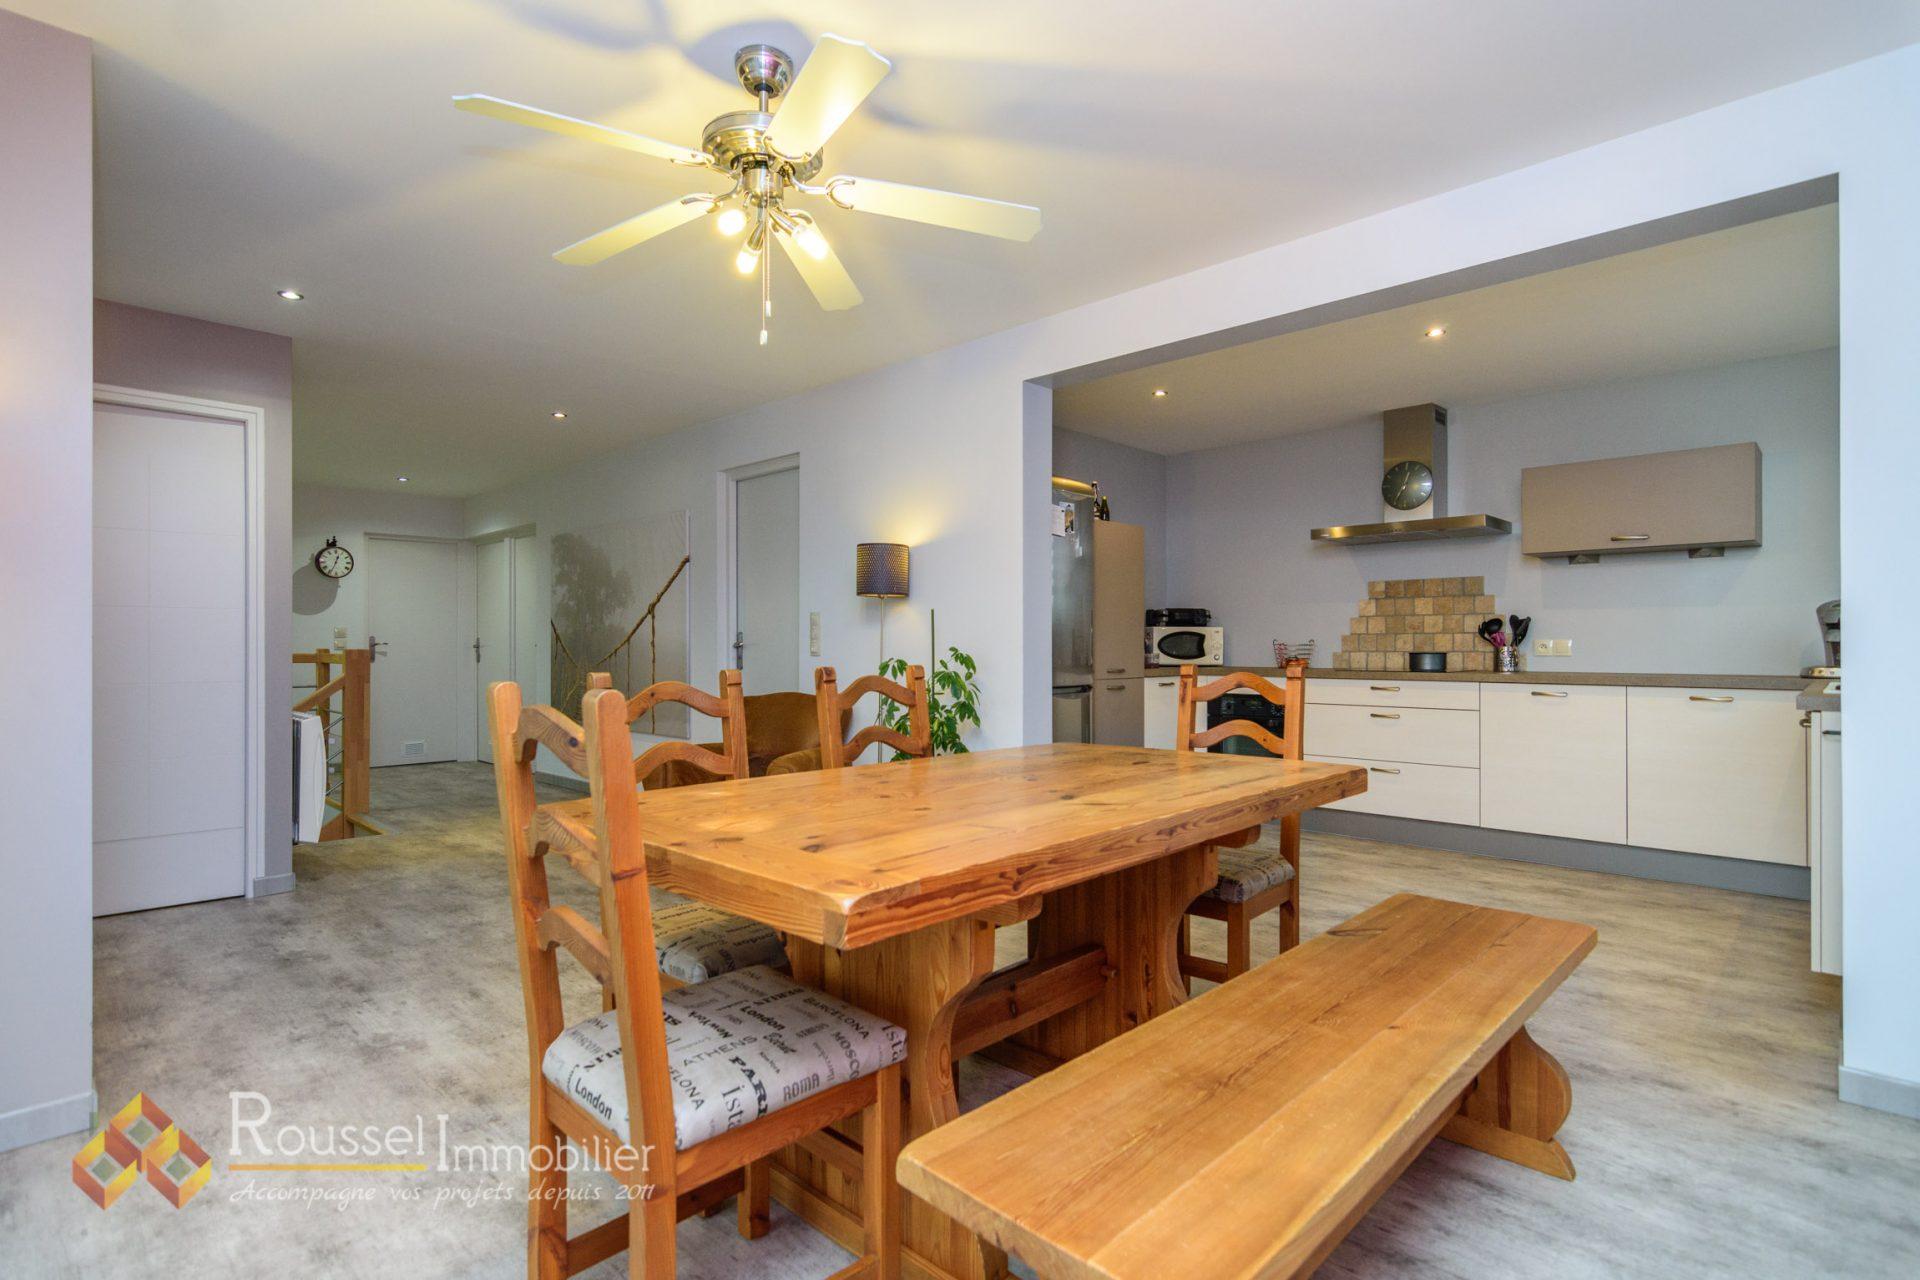 Beaune quartier lycée Marey : maison rénovée : 4 chambres : double garage de 57 m2